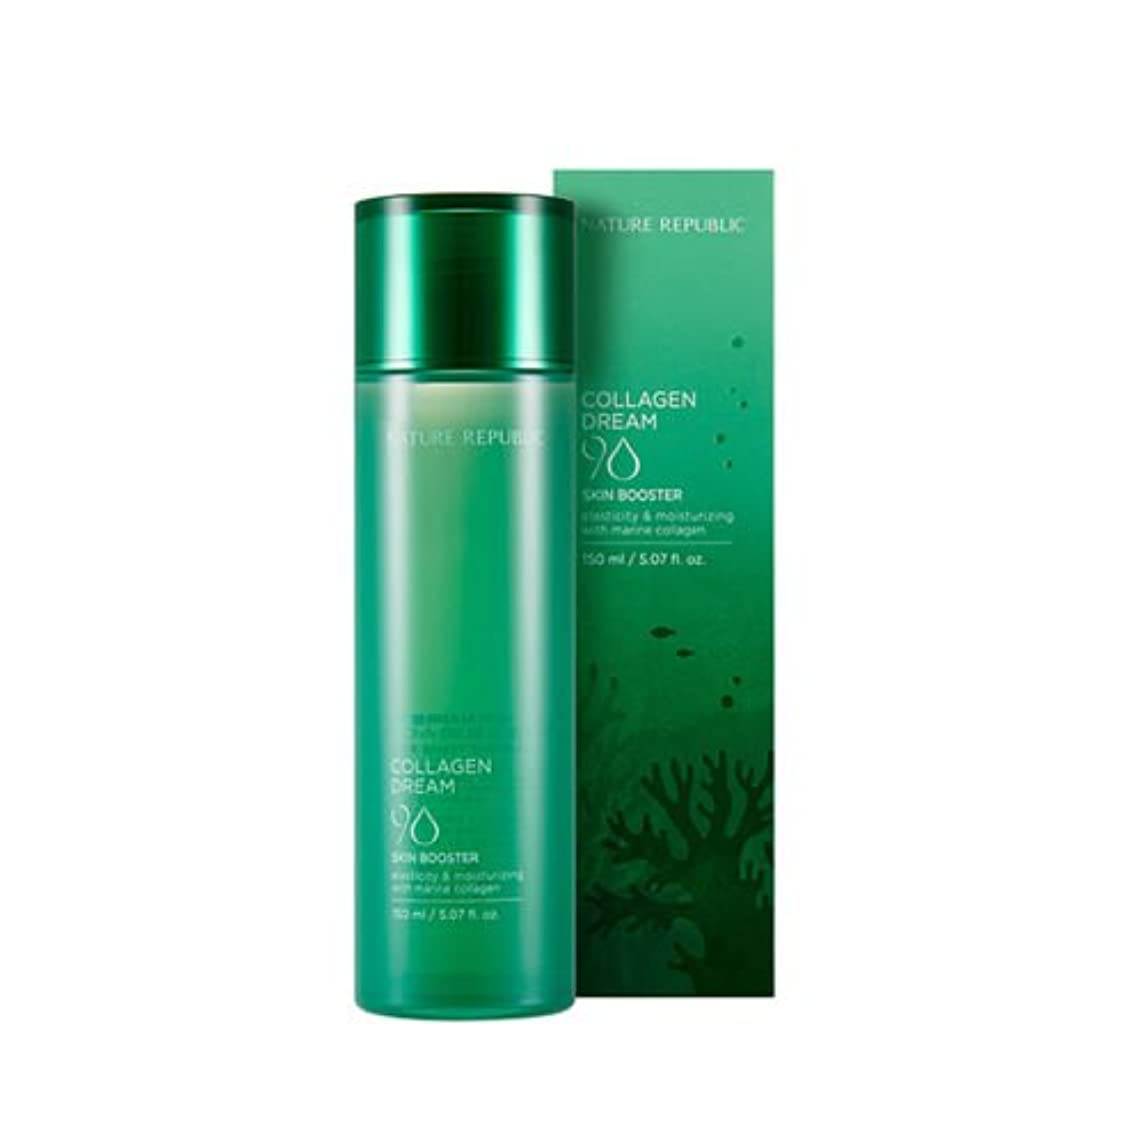 グリルバーガートラフィックNATURE REPUBLIC(ネイチャーリパブリック) COLLAGEN DREAM 90 Skin Booster コラーゲンドリーム90スキンブースター(化粧水)